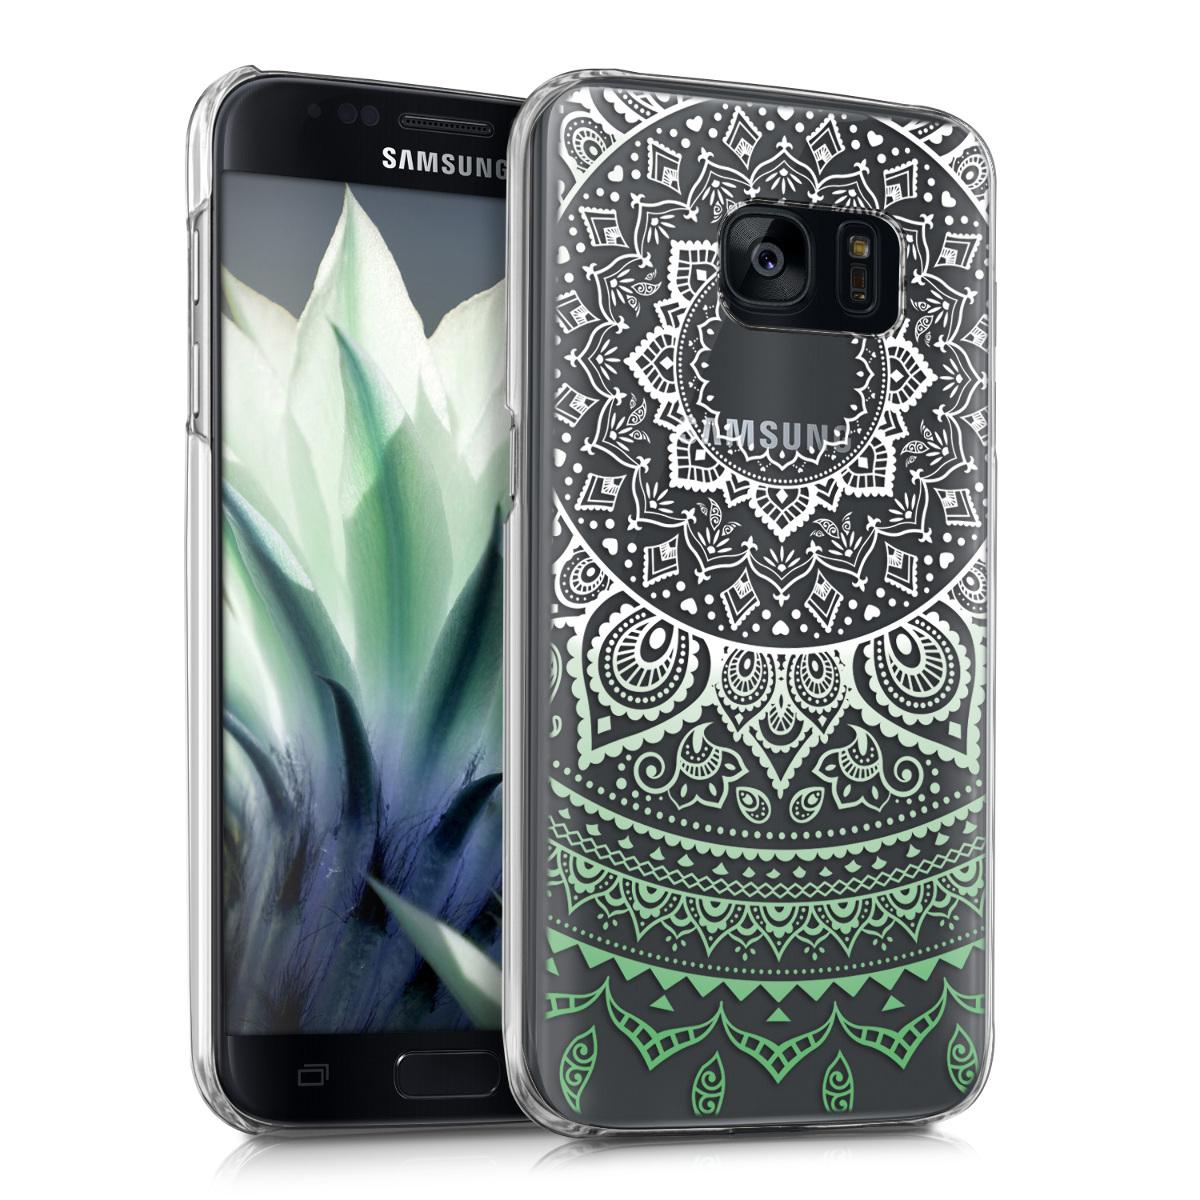 Kvalitní plastové pouzdro pro Samsung S7 - indické slunce mint zelené / bílé / transparentní